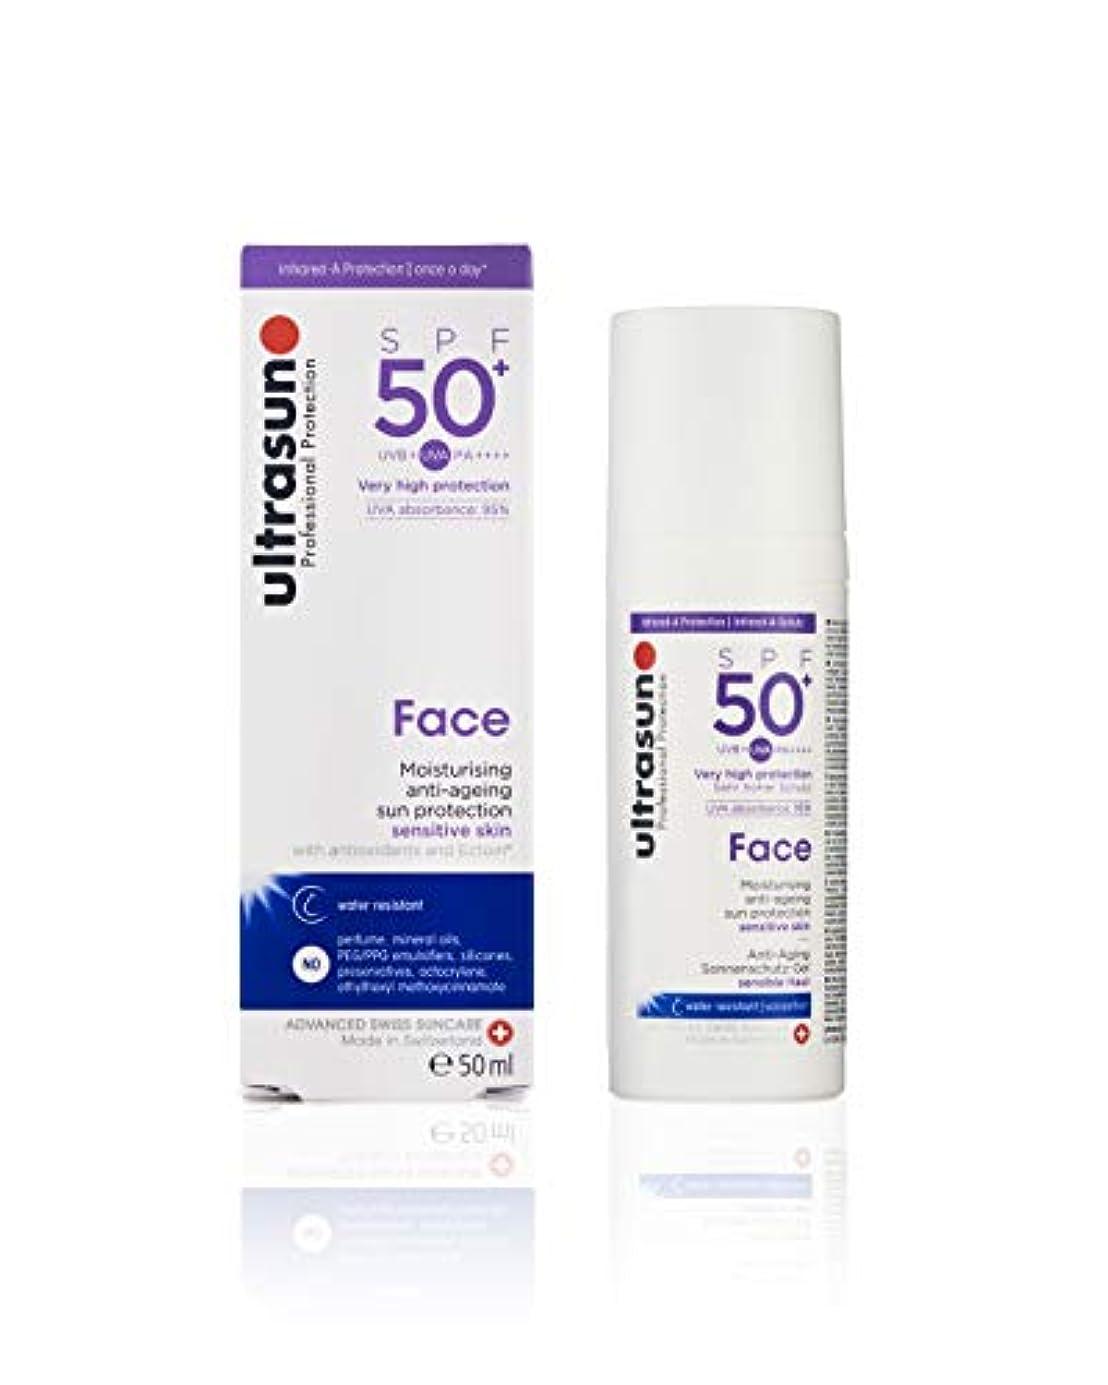 モス減少累積アルトラサン 日やけ止めクリーム フェイス UV 敏感肌用 SPF50+ PA++++ トリプルプロテクション 50mL